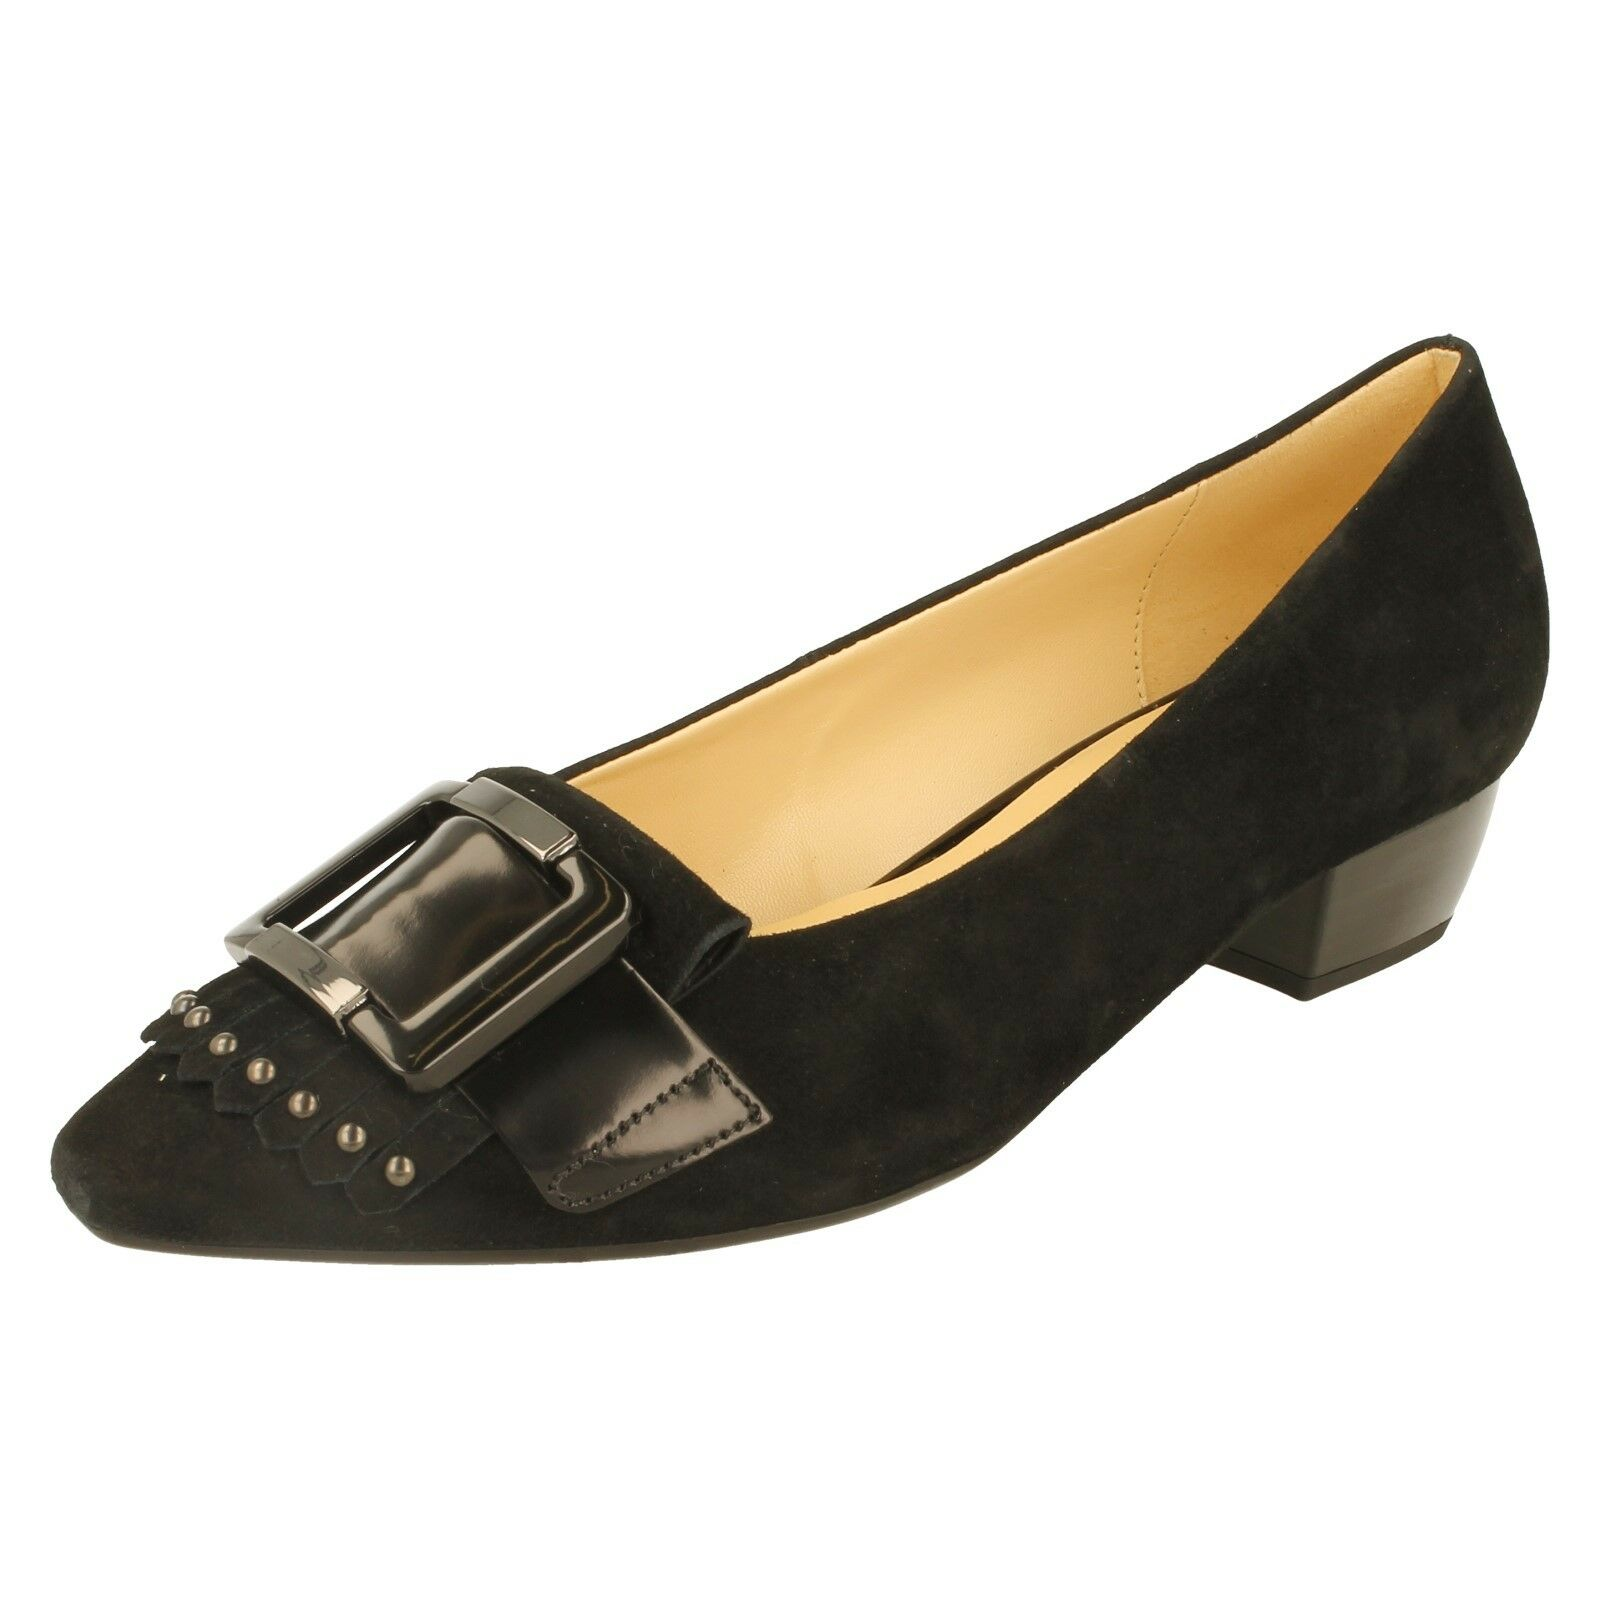 Ladies Gabor Loafers - classici 55.131,Gli stivali da donna classici - sono popolari, economici e hanno dimensioni de75a3